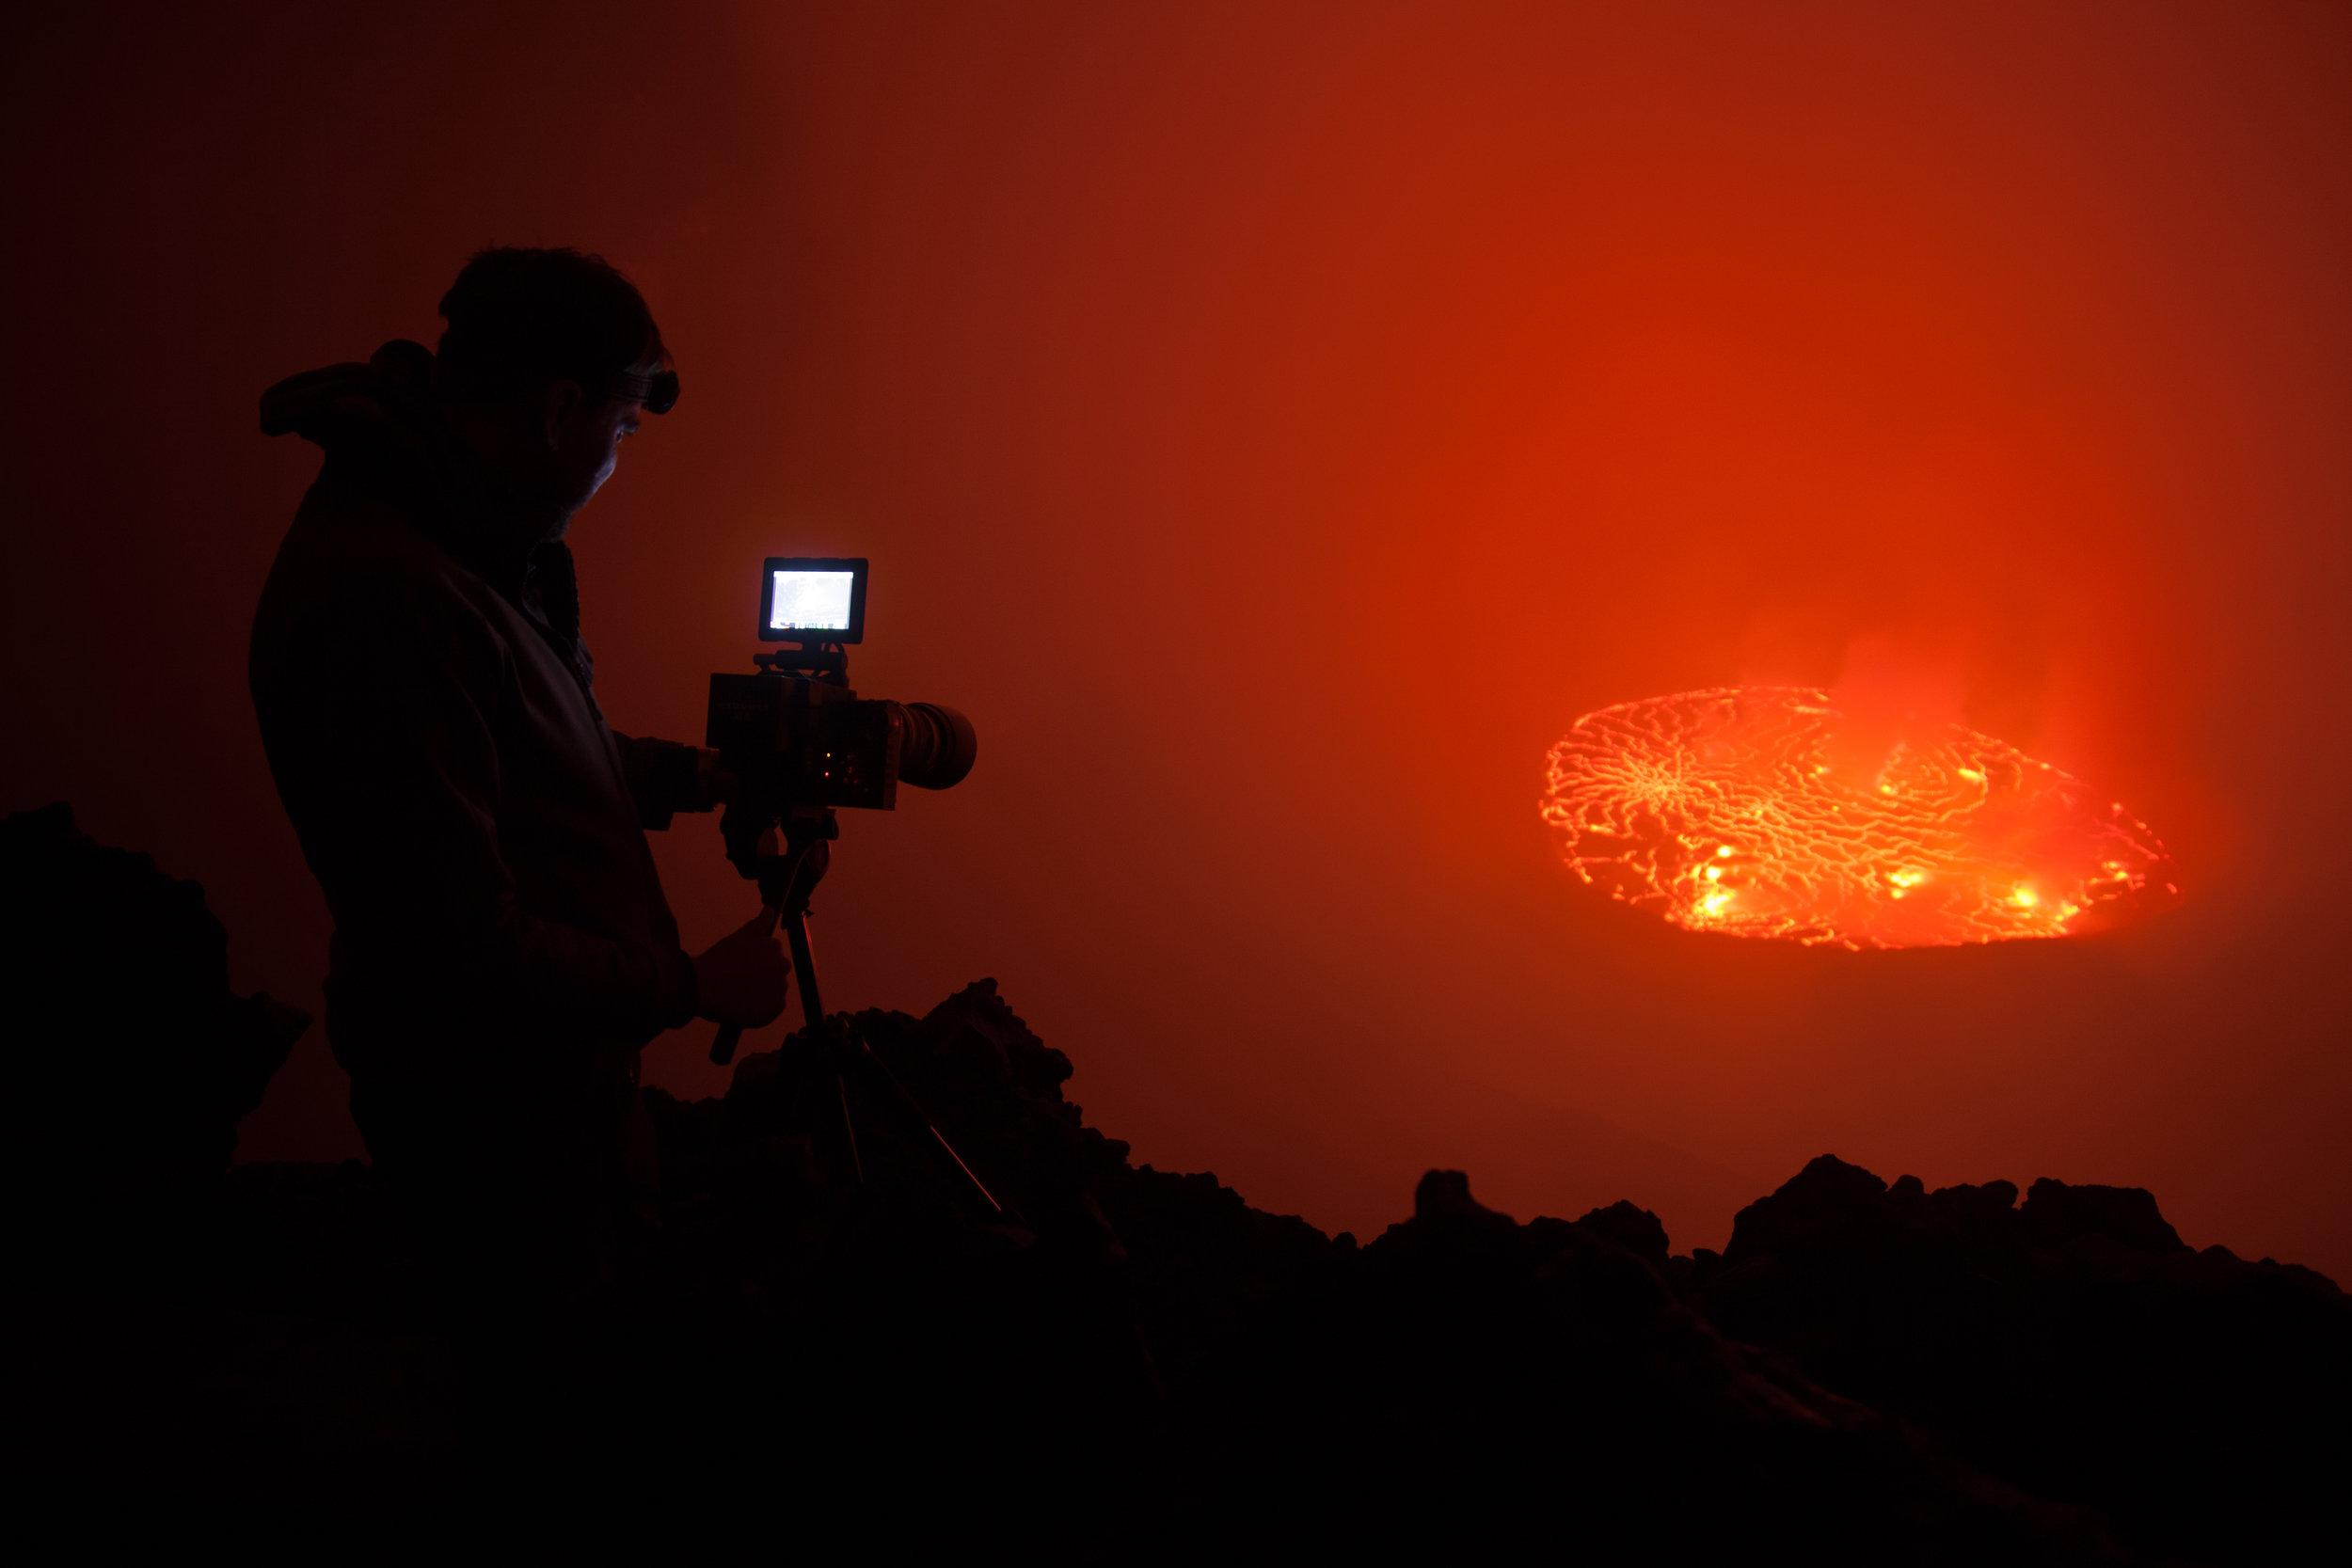 07.13.16_Virunga_Volcano-4847.jpg